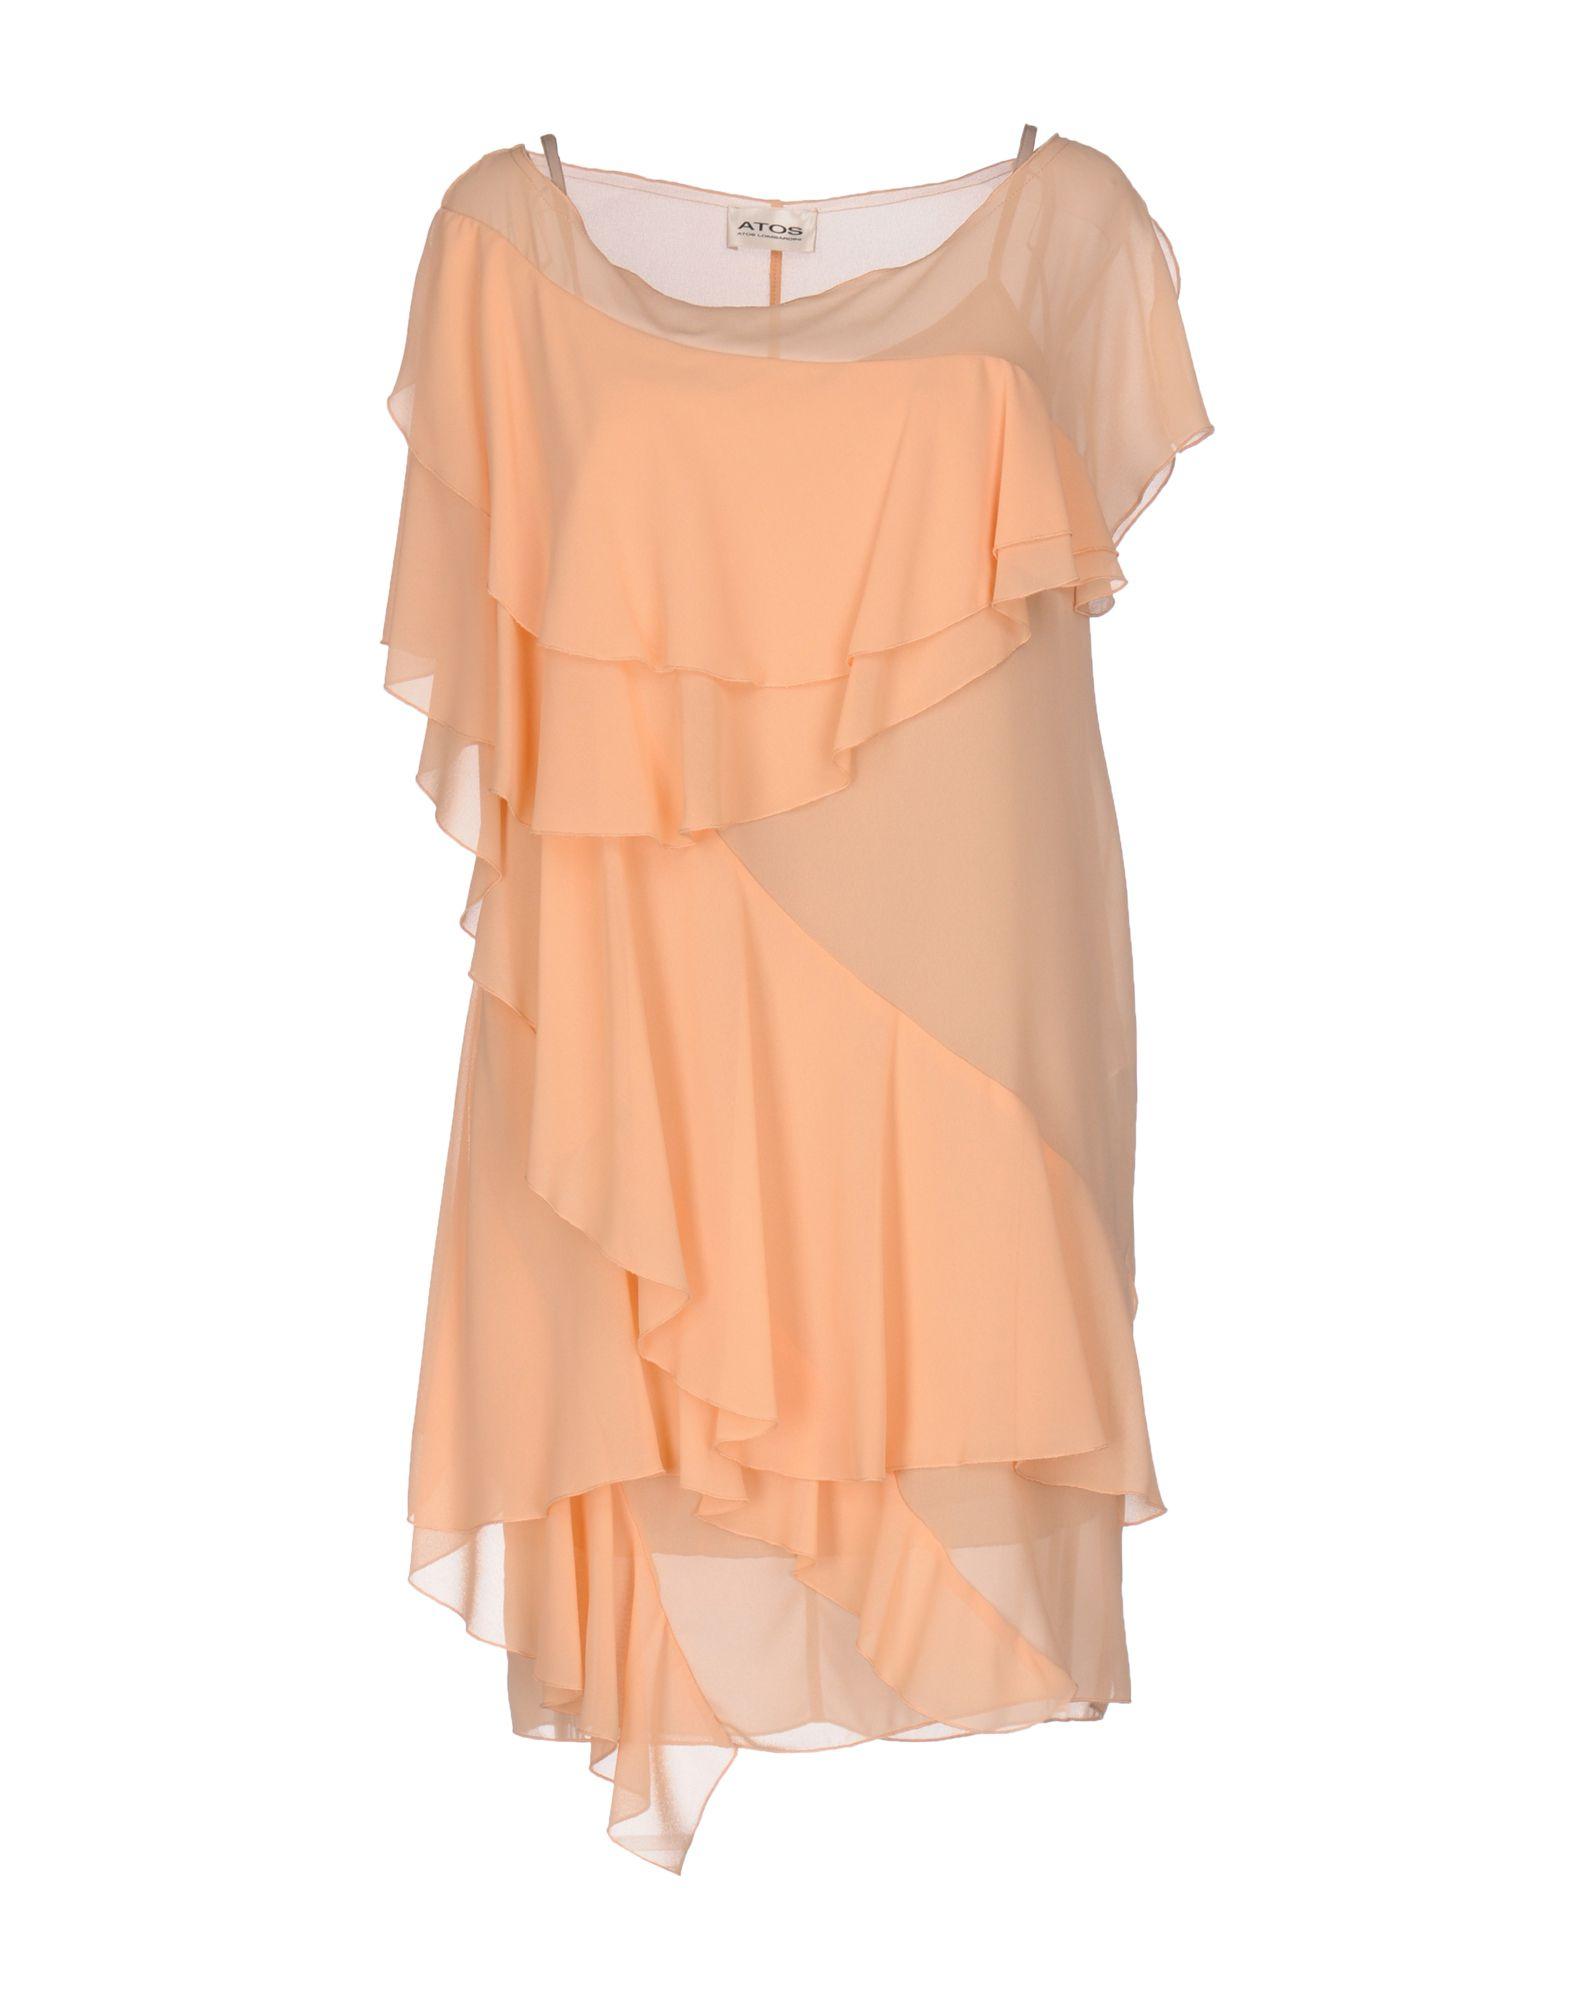 ATOS ATOS LOMBARDINI Короткое платье 12storeez платье комбинация на одно плечо чёрный